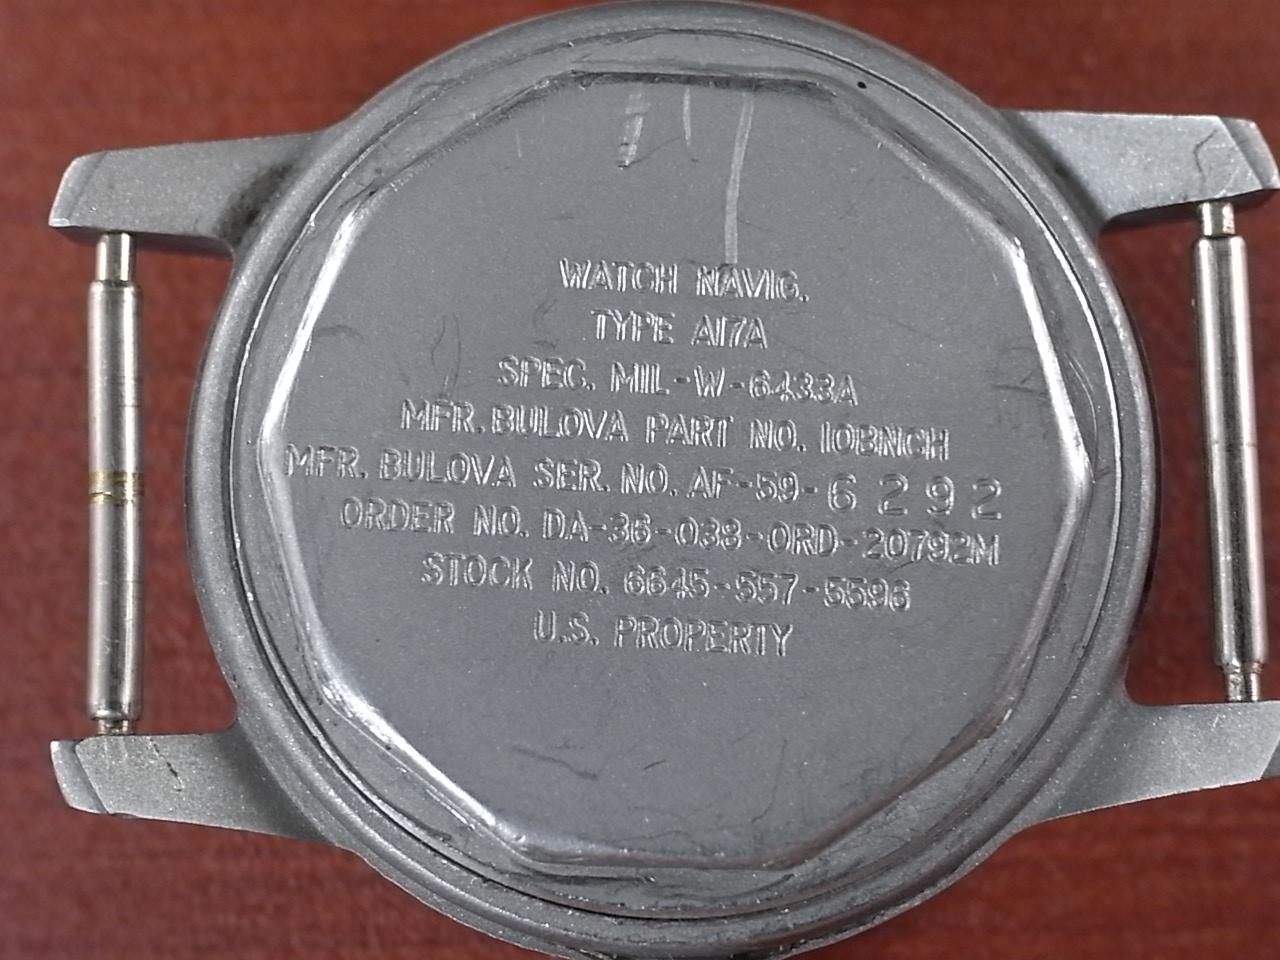 ブローバ ミリタリー アメリカ軍用時計 Type A17A 1950年代の写真4枚目